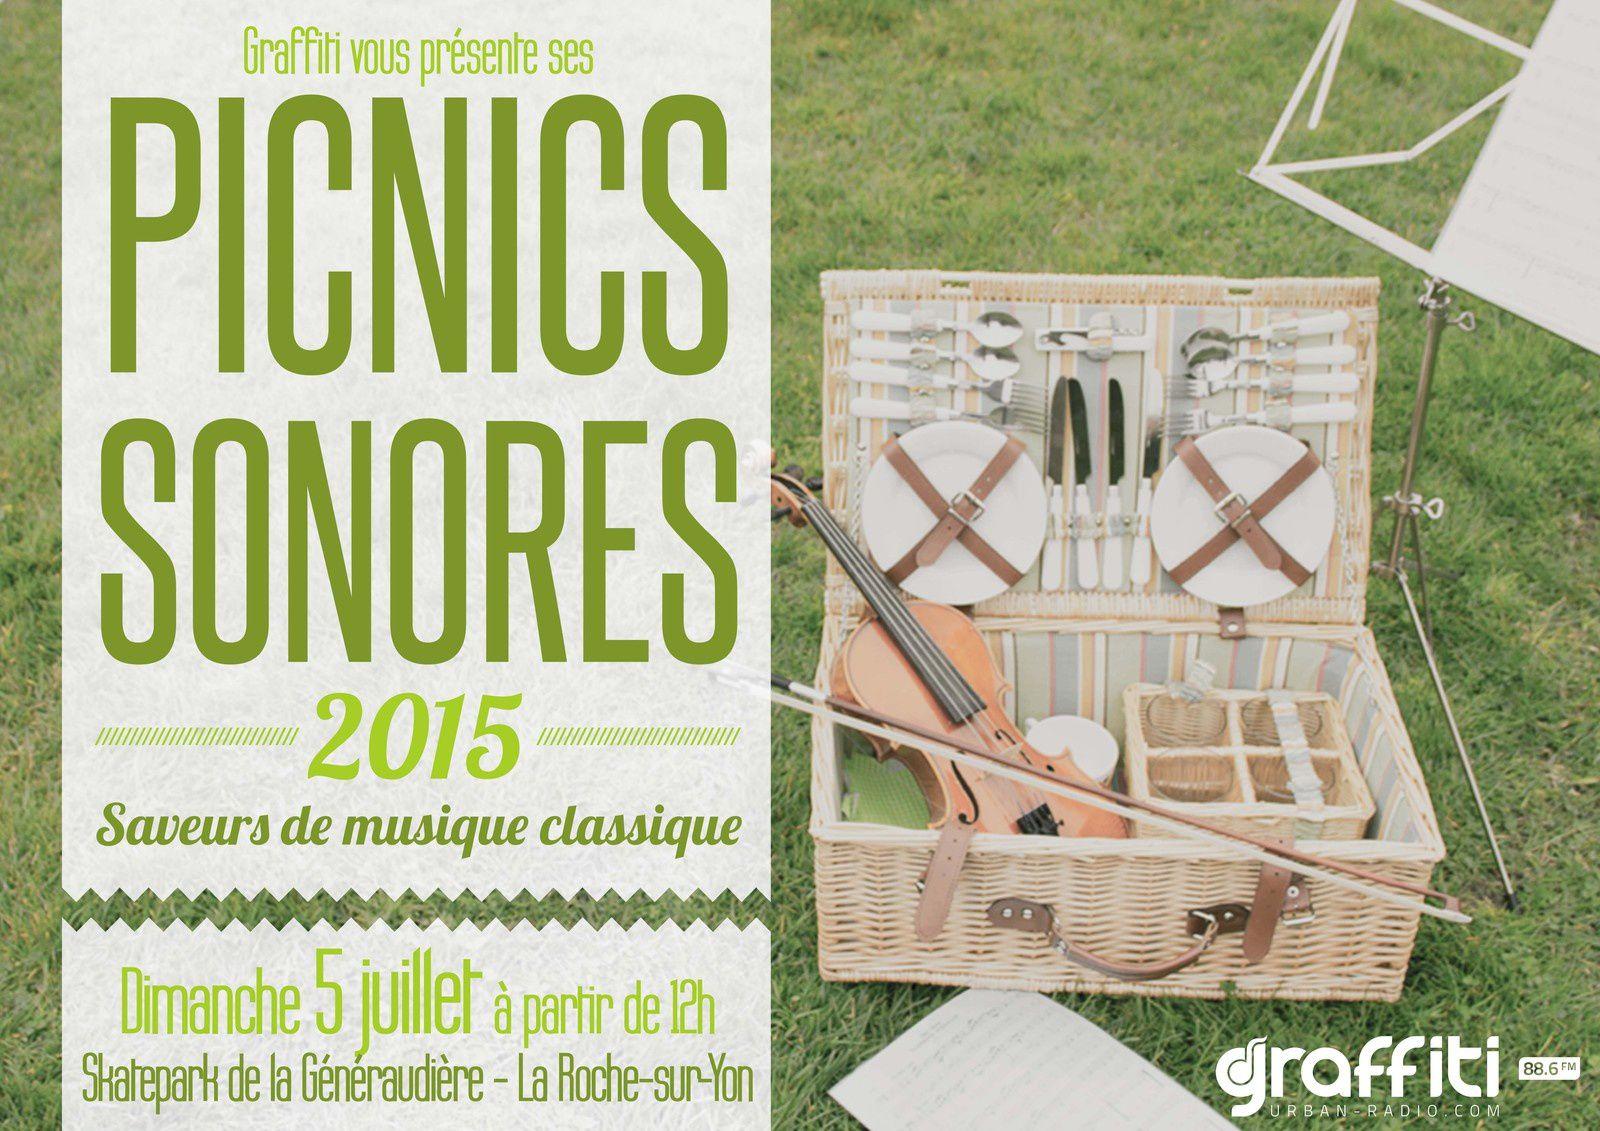 La Roche-sur-Yon. Trois picnics sonores cet été.